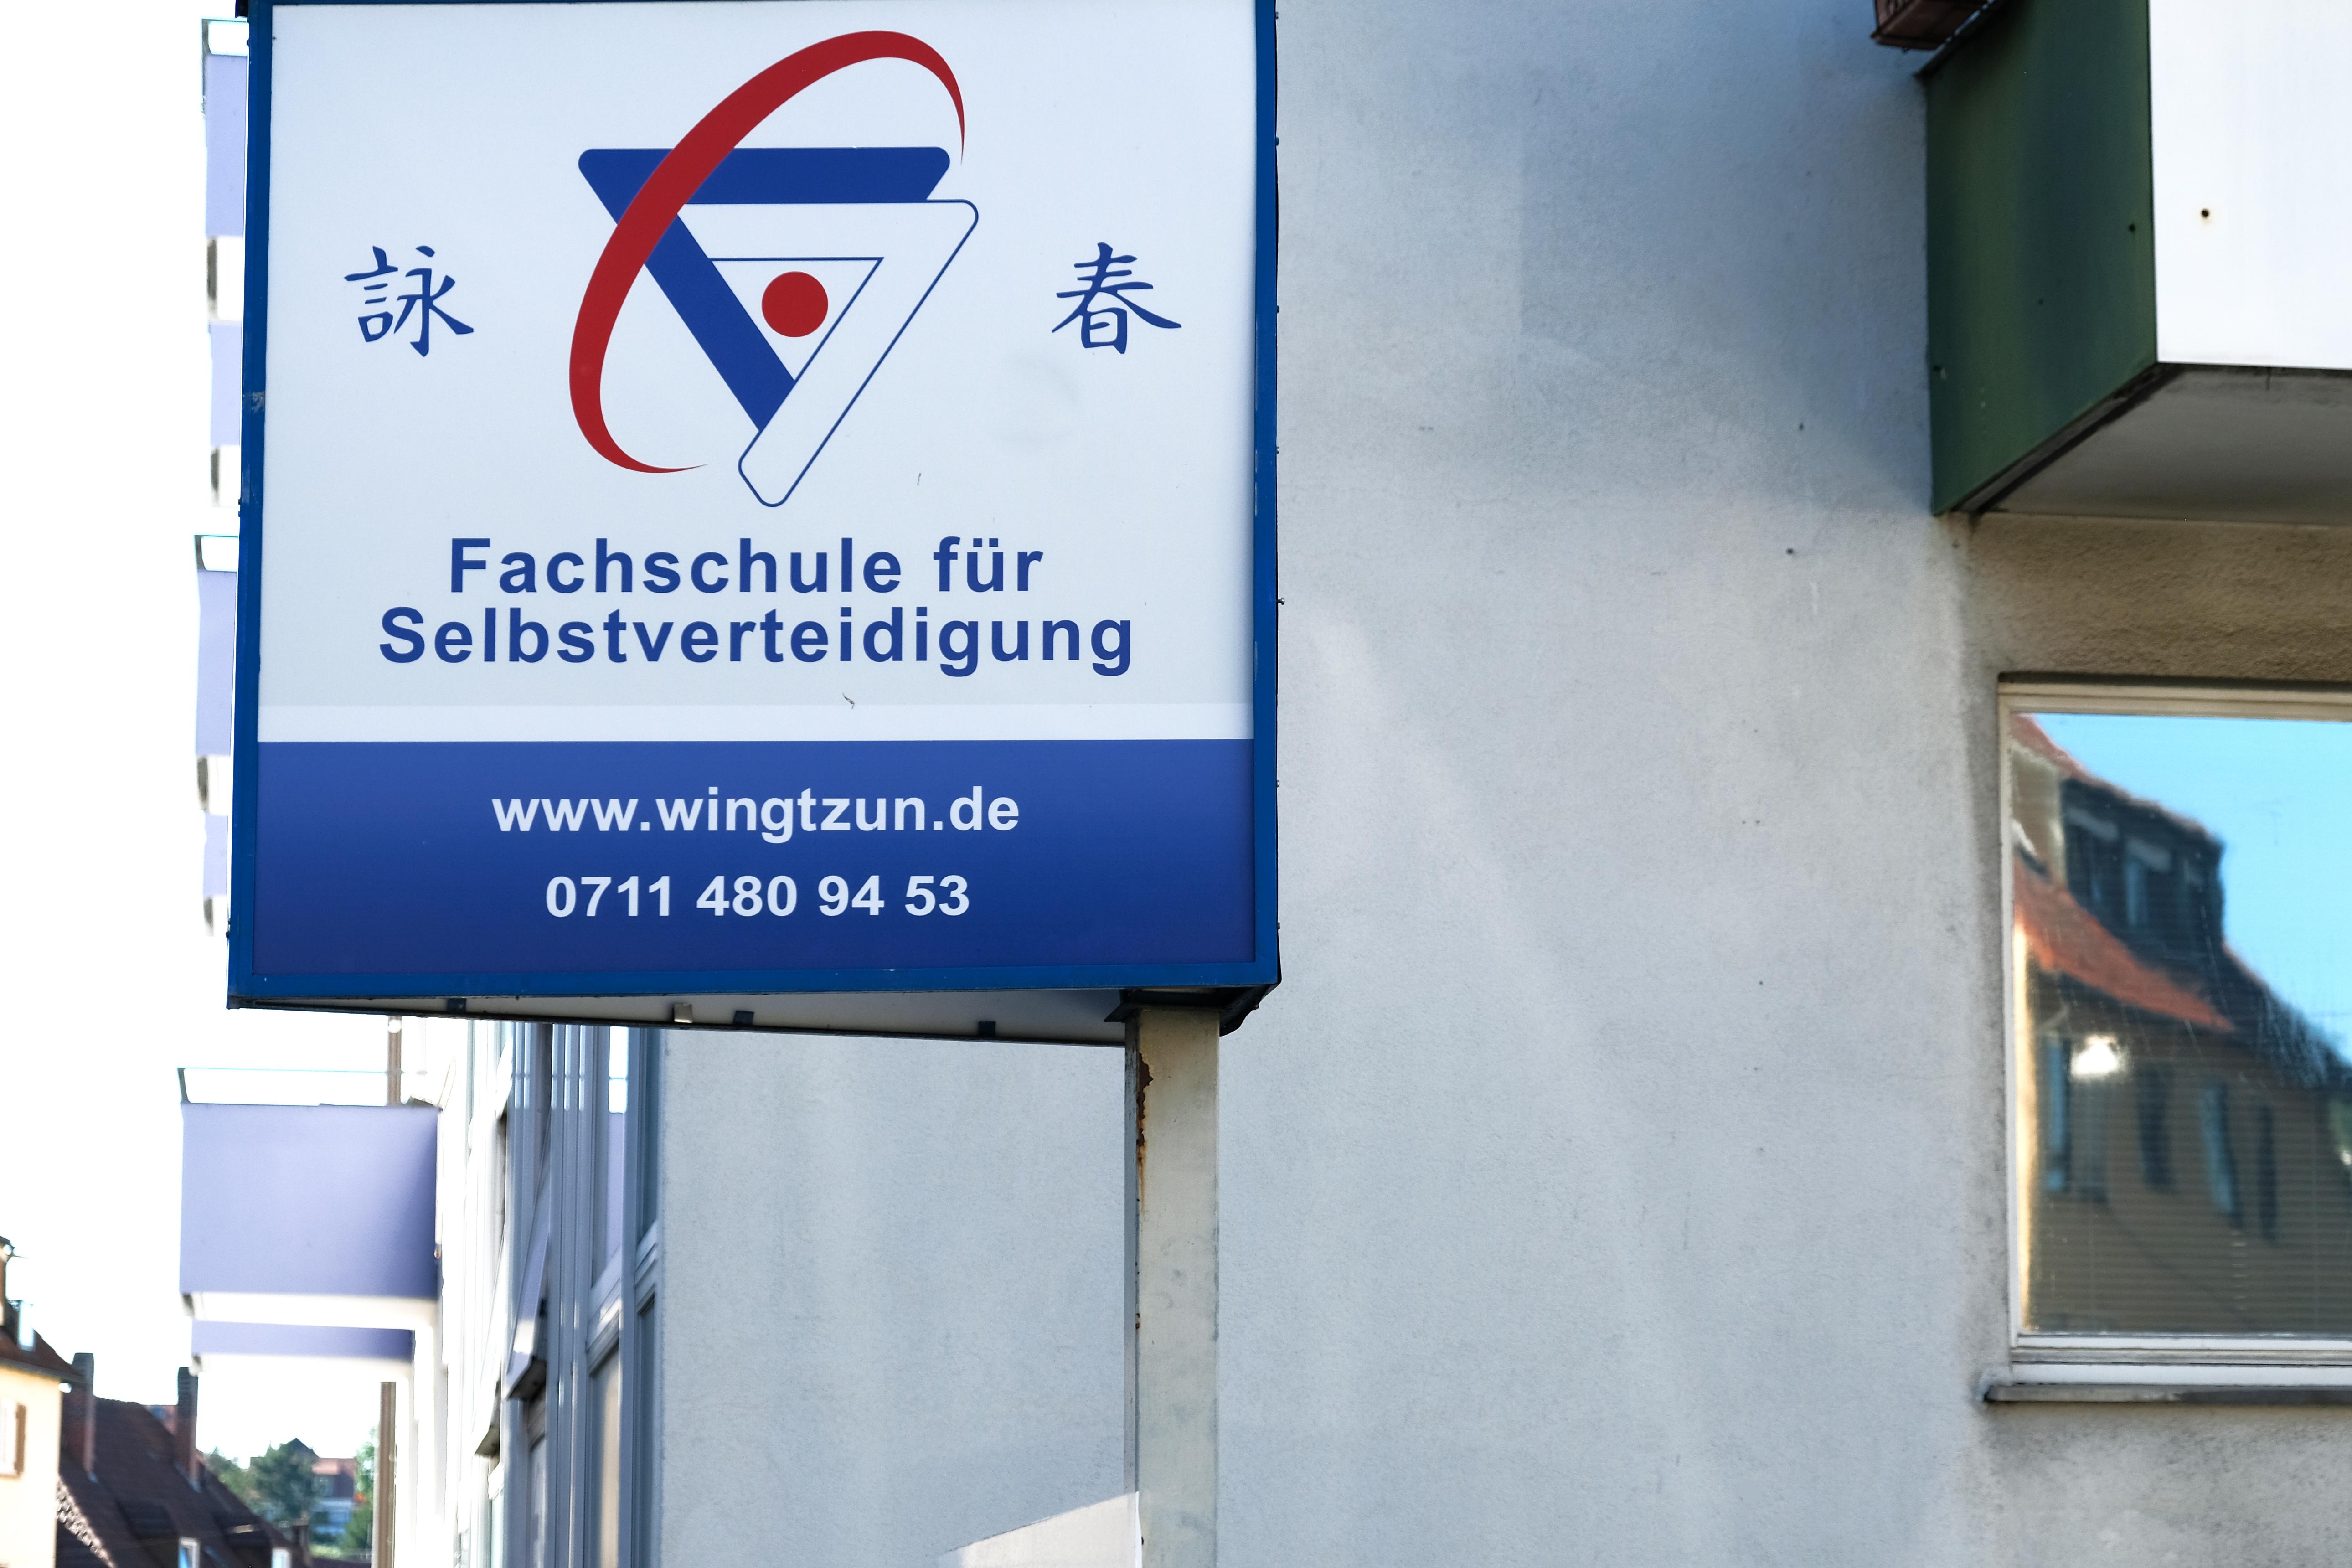 Wing Tzun, Wing Tsun, Adresse, Fachschule für Selbstverteidigung Stuttgart